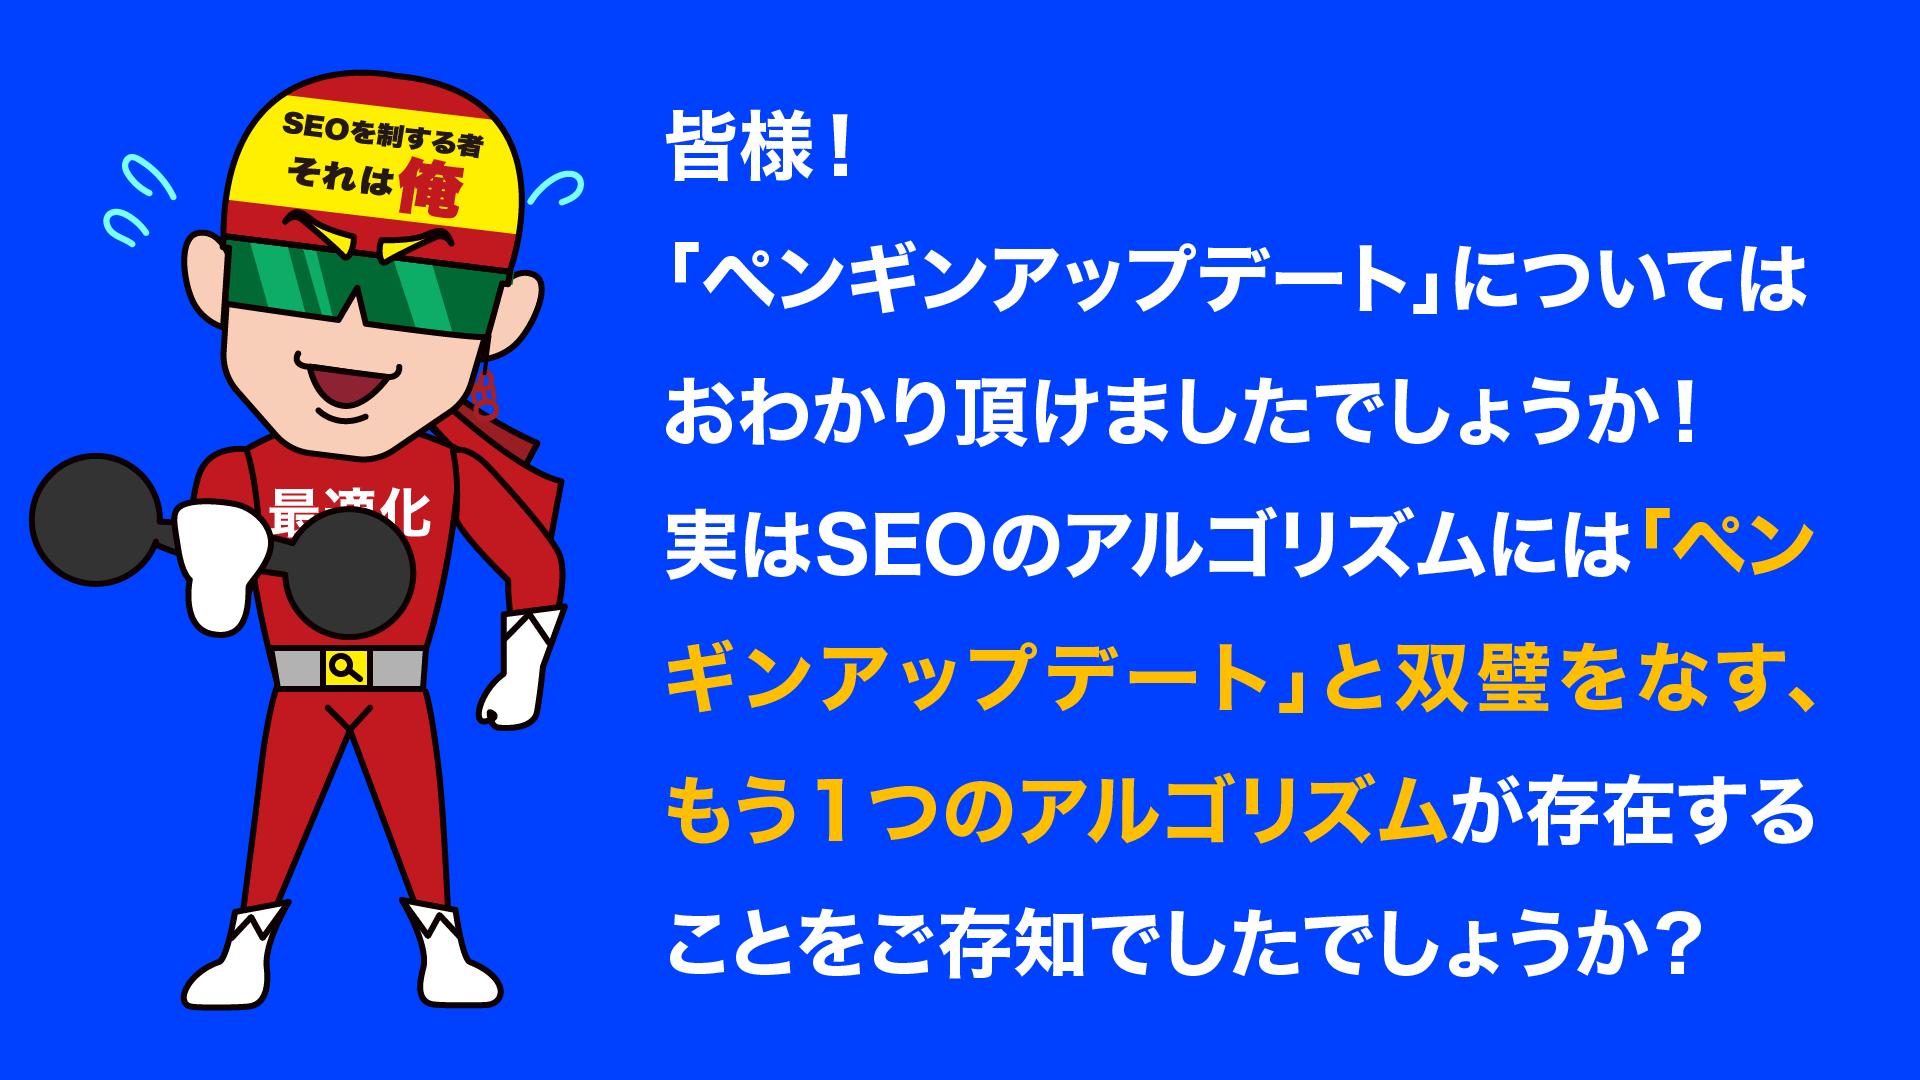 パンダアップデート-SEO用語集漫画①